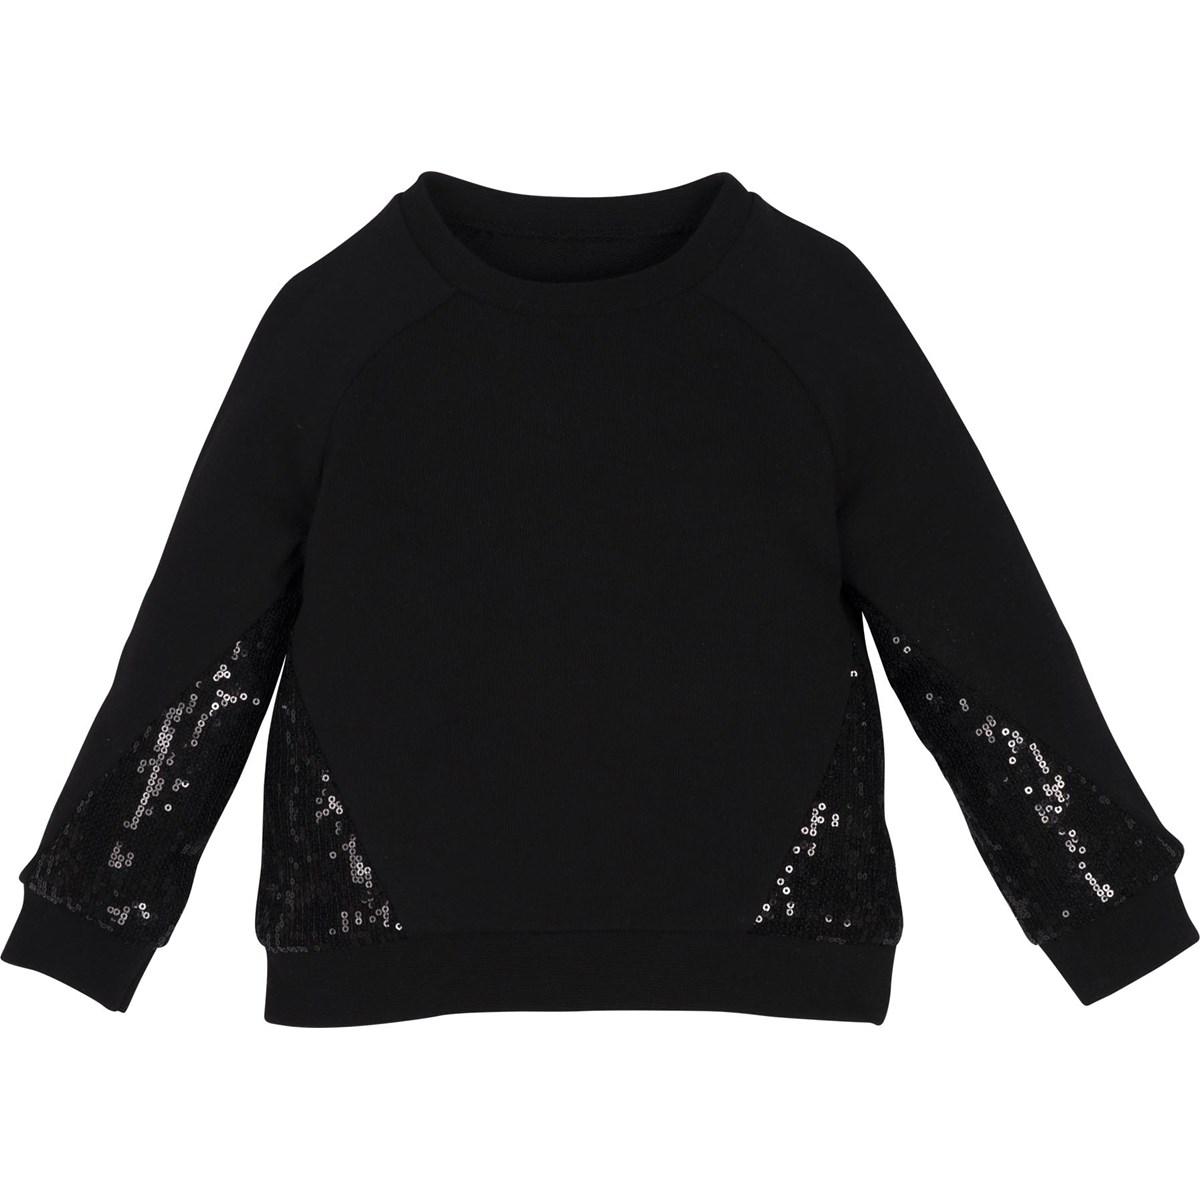 12392  Sweatshirt 1